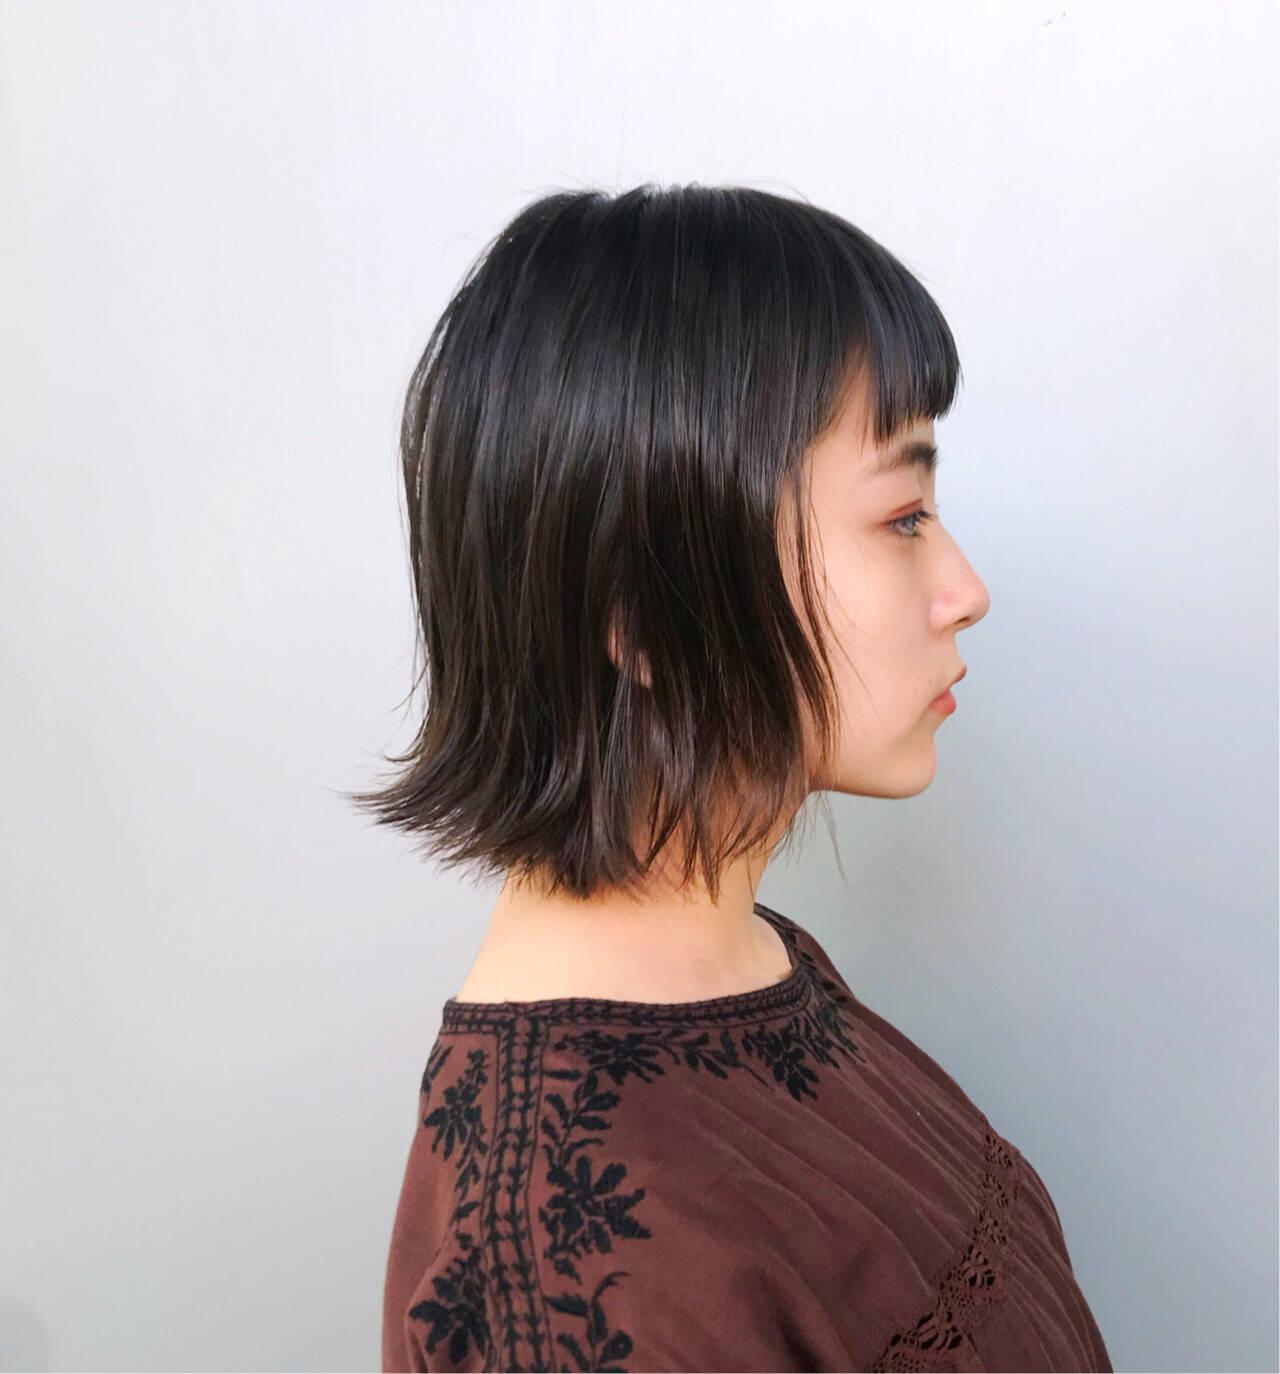 ボブ 大人女子 小顔 オフィスヘアスタイルや髪型の写真・画像